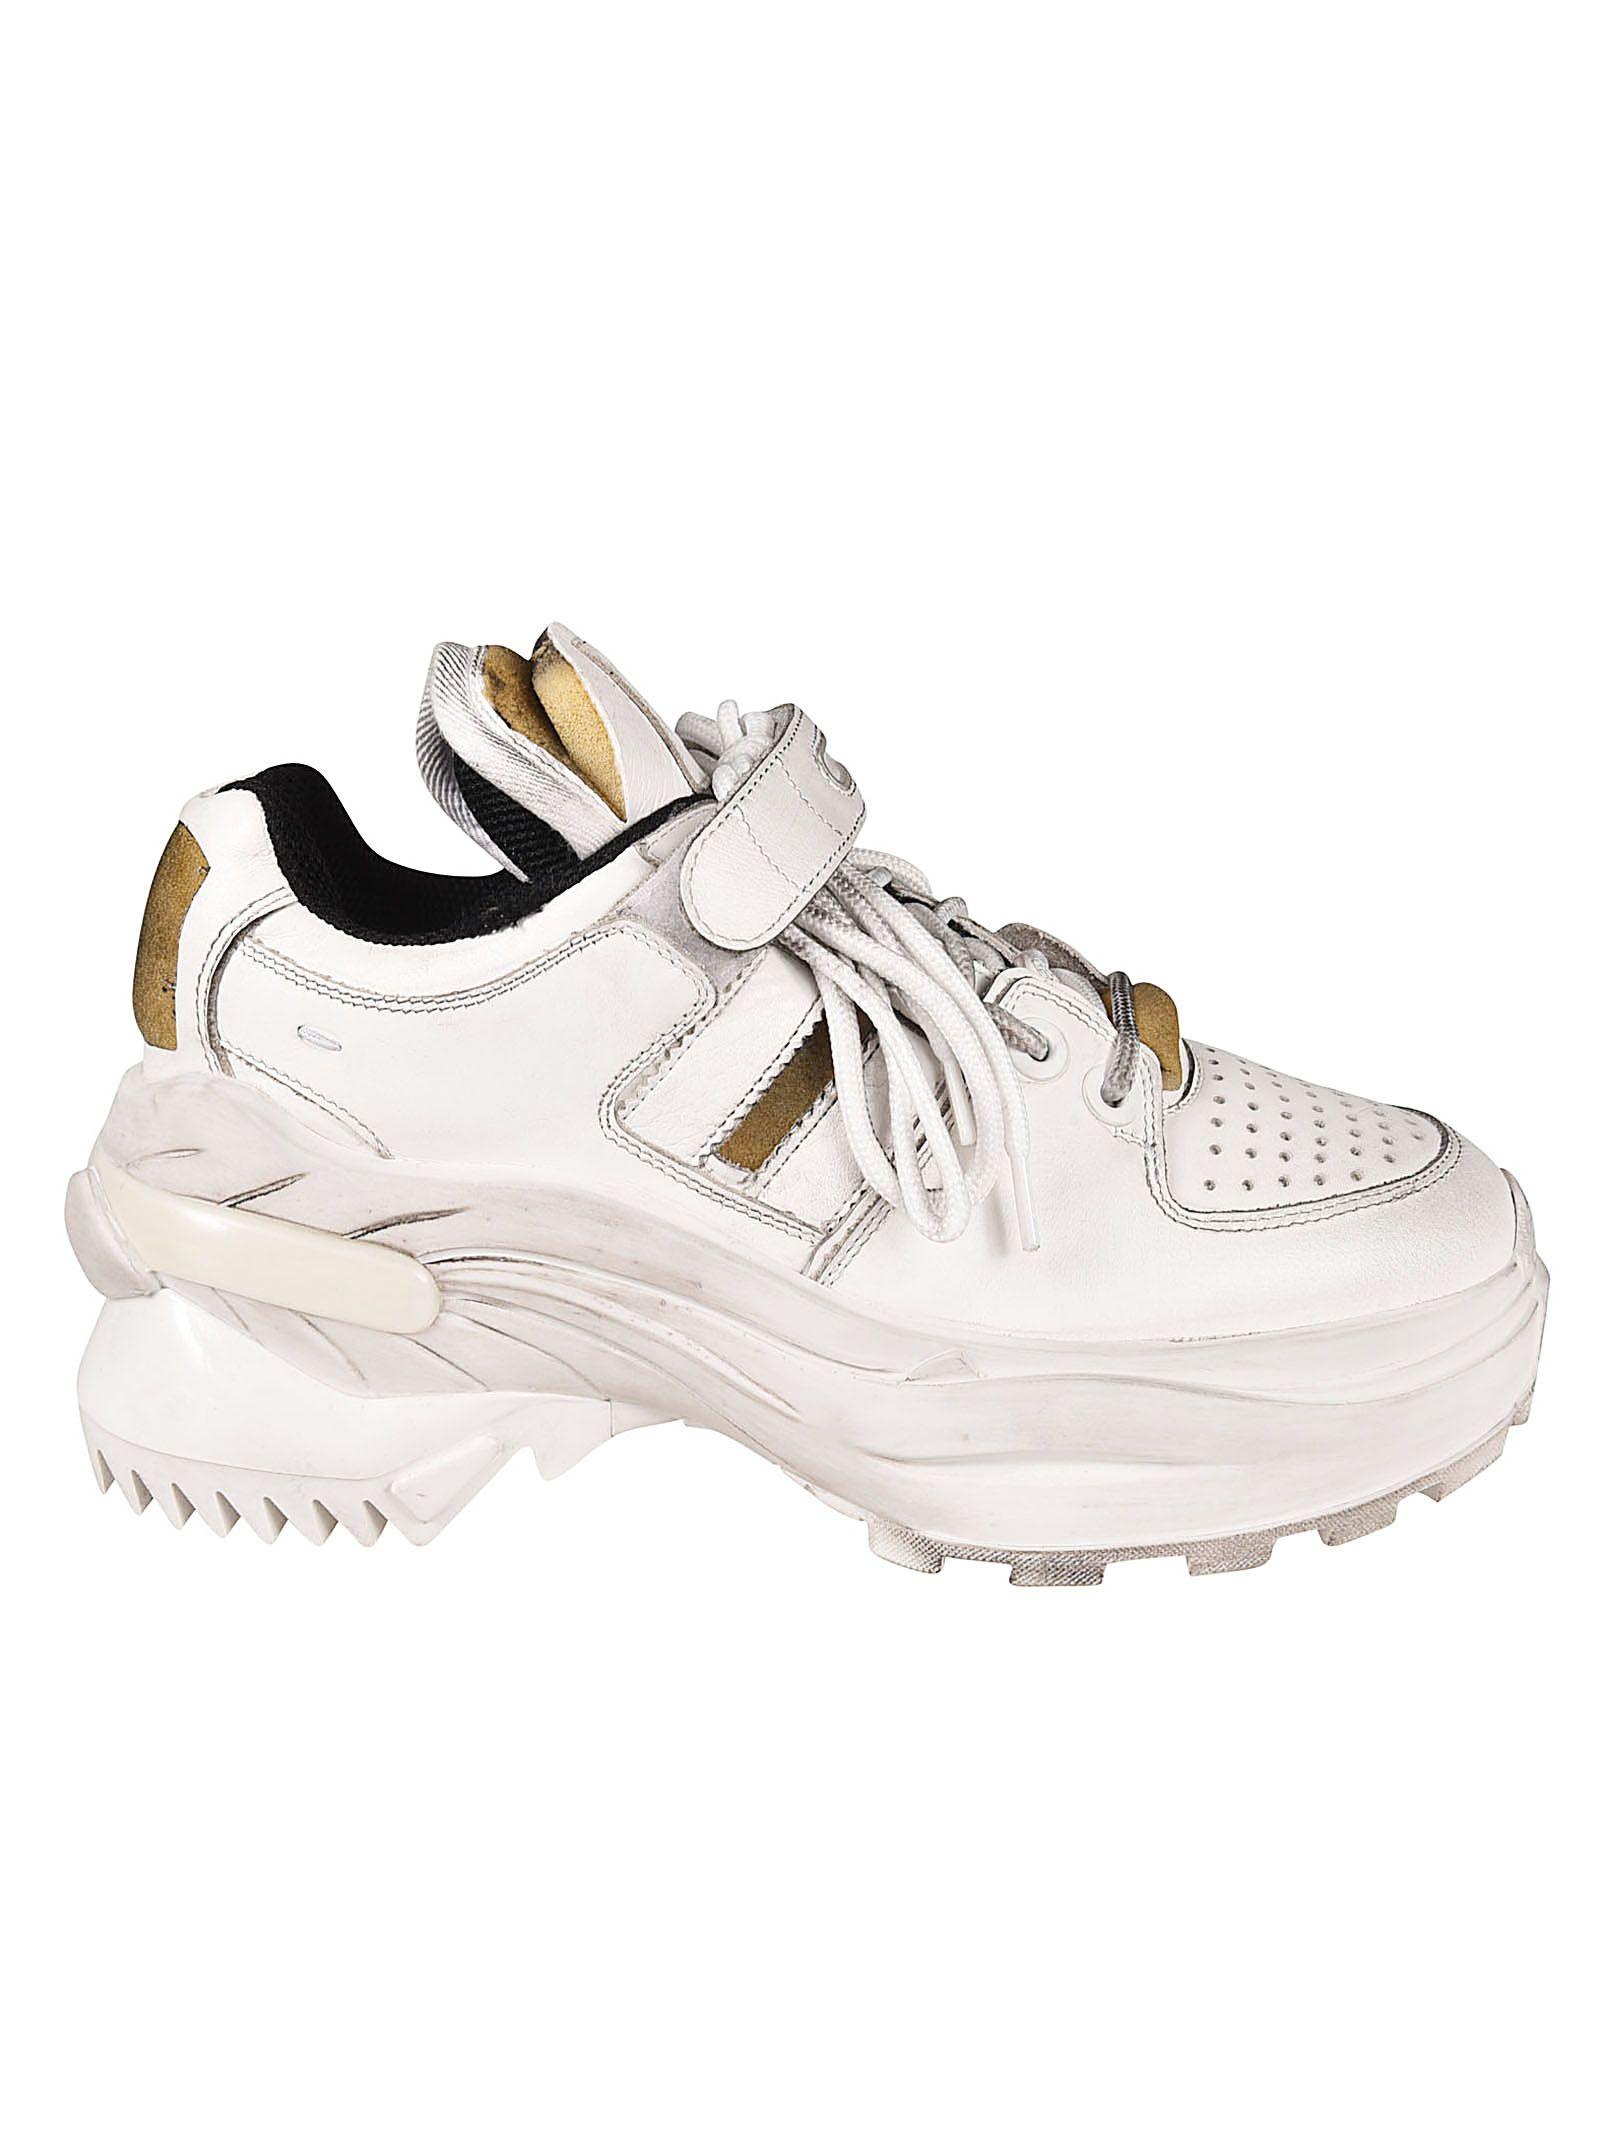 0d6d9f290b643 Maison Margiela Maison Margiela Holographic Platform Sneakers ...